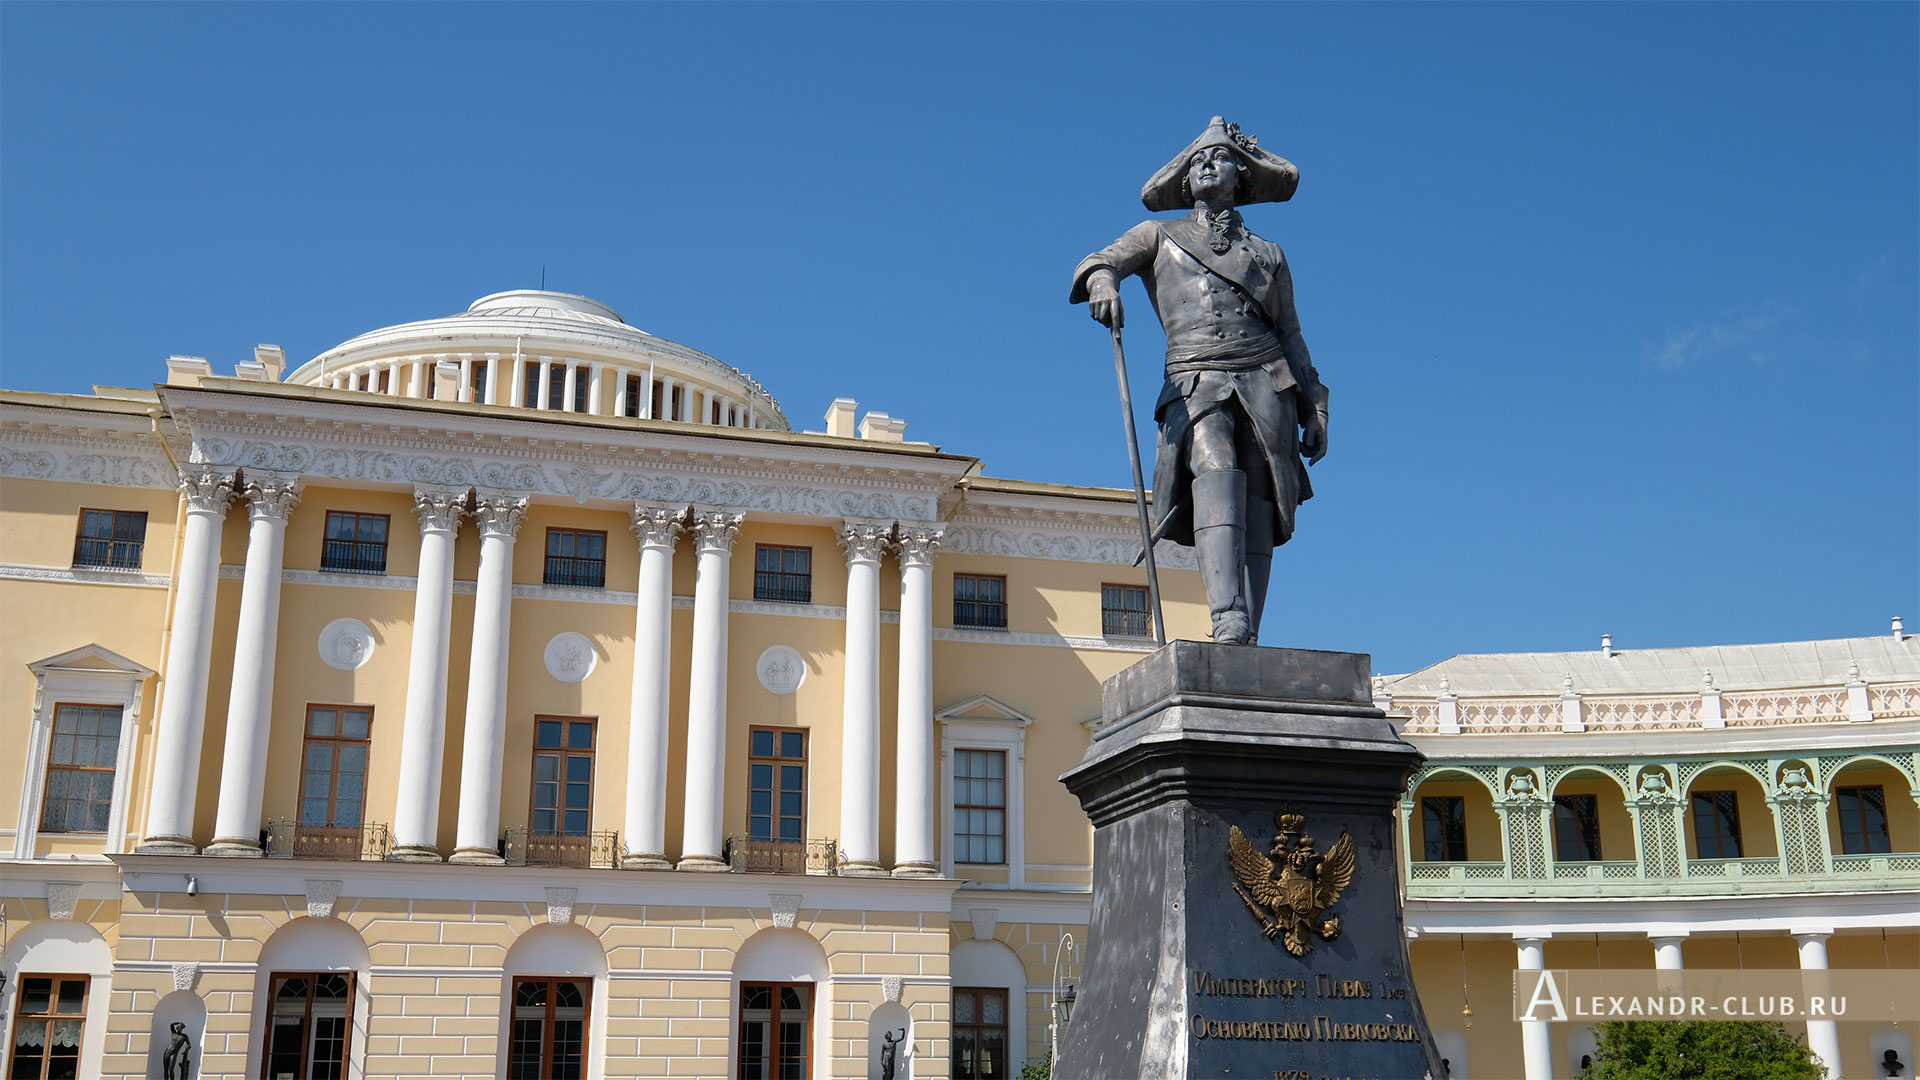 Павловск, лето, Большой Павловский дворец